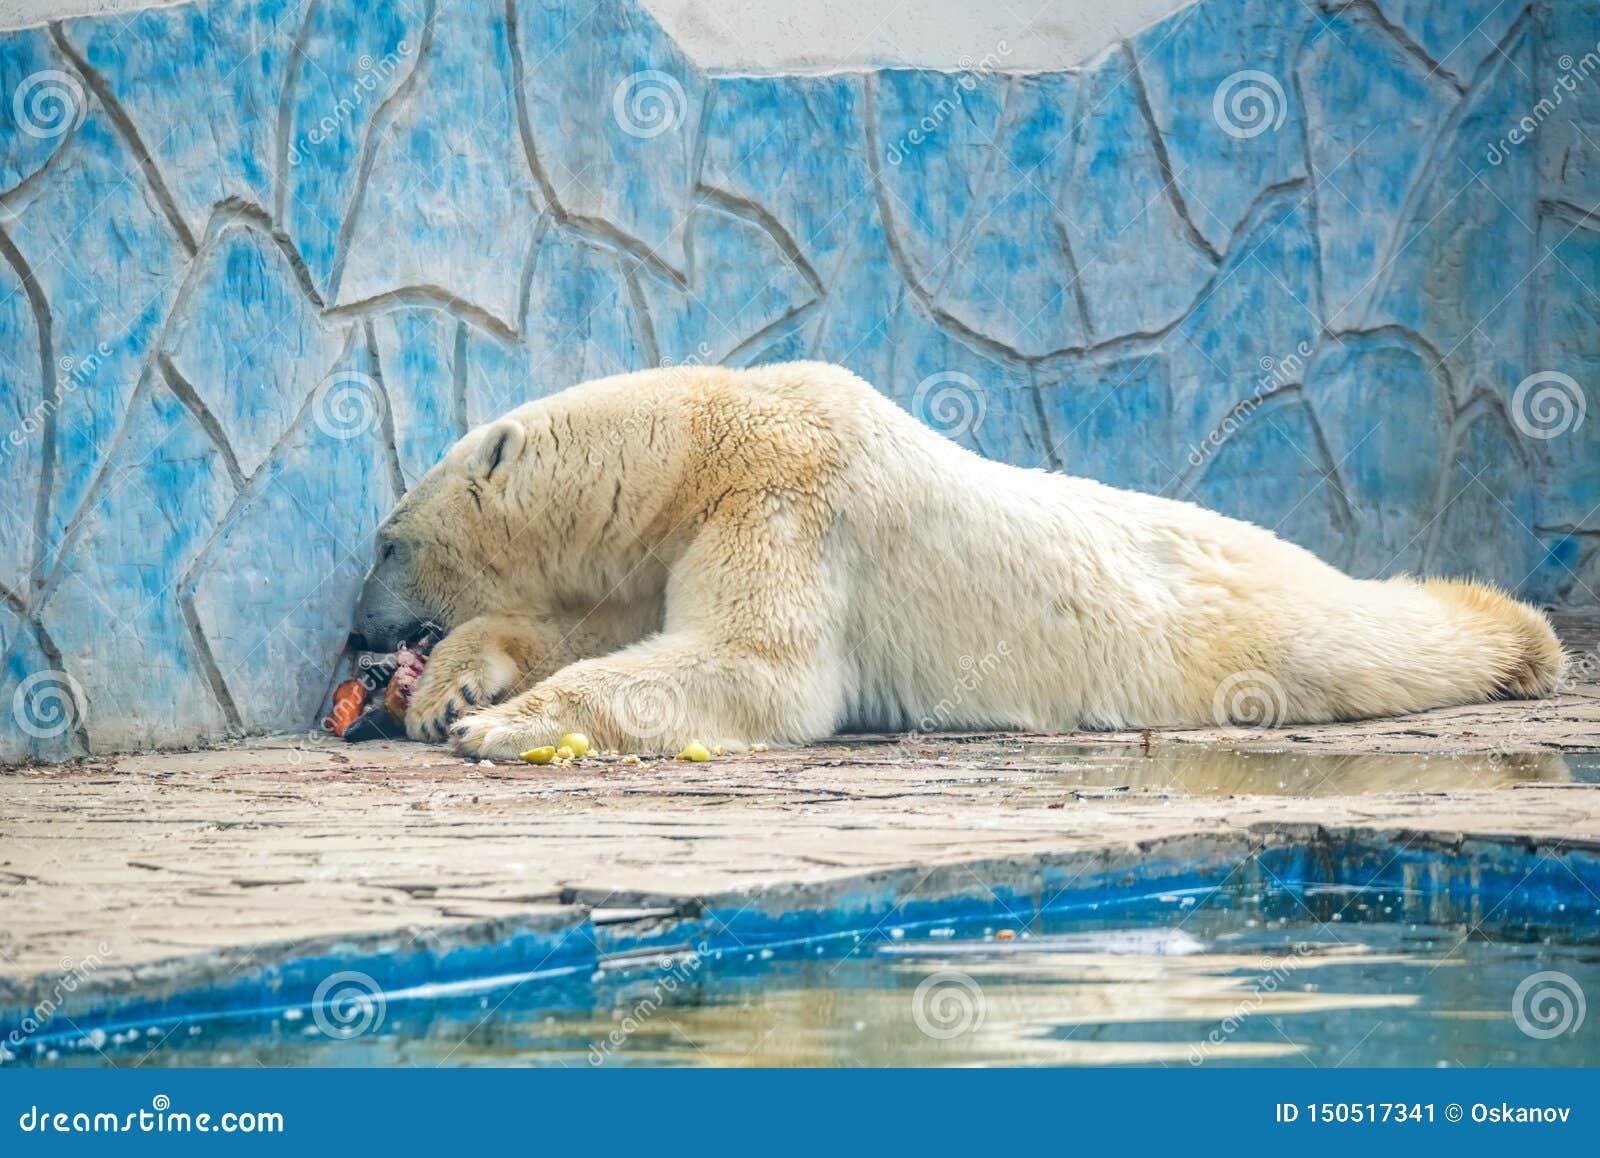 Полярный медведь или maritimus Ursus в плене едят мясо рядом с бассейном